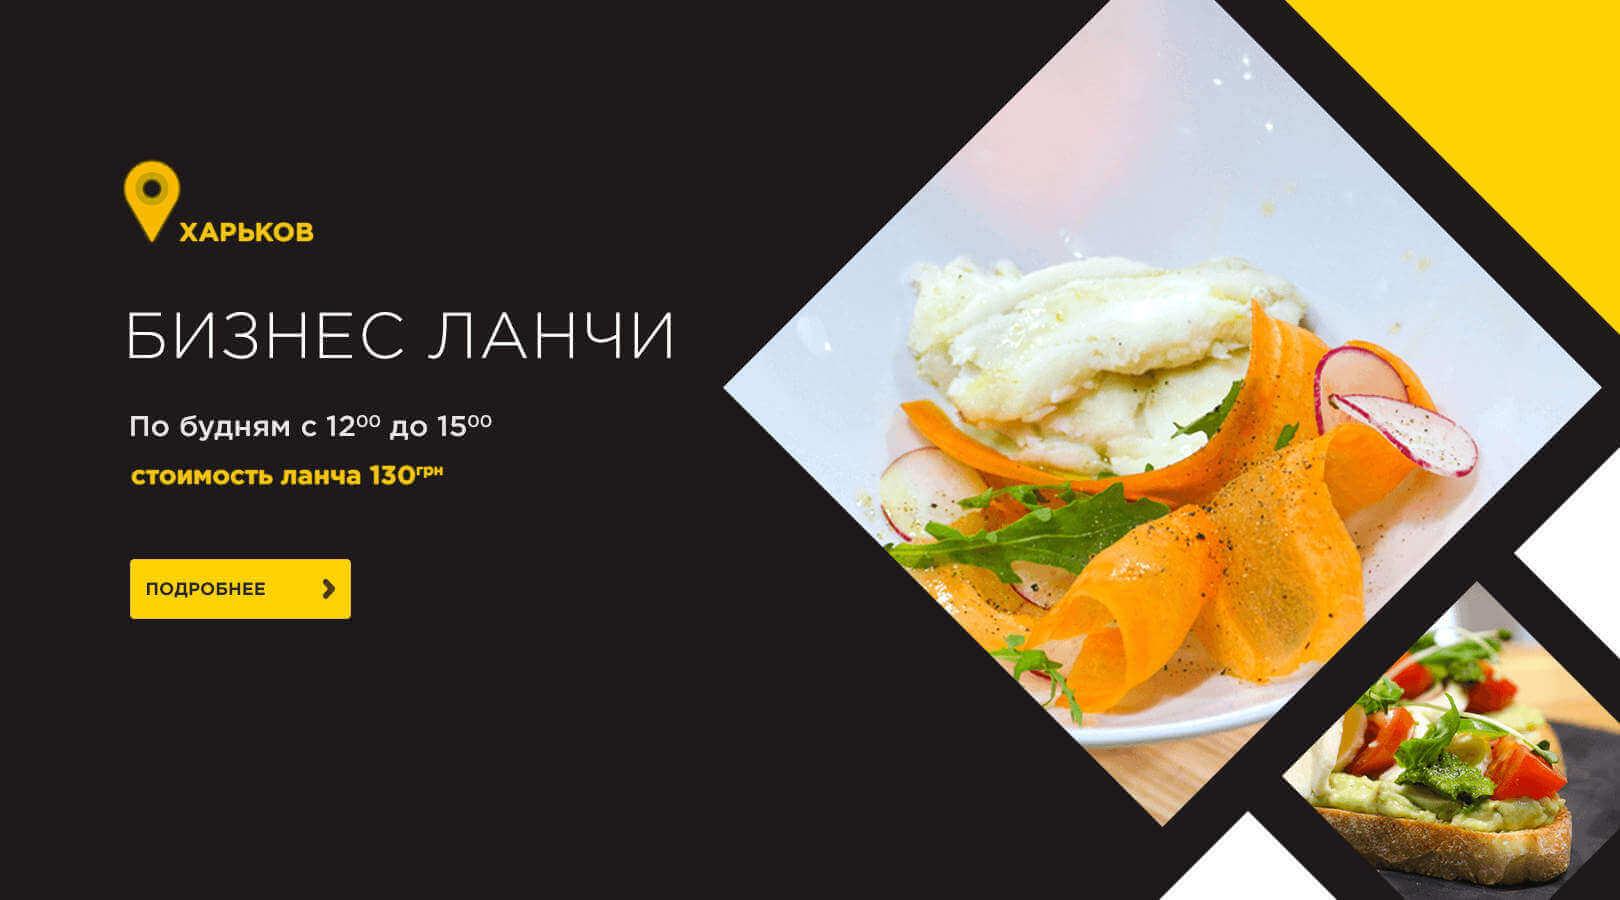 Бизнес ланч Харьков в Le Komora